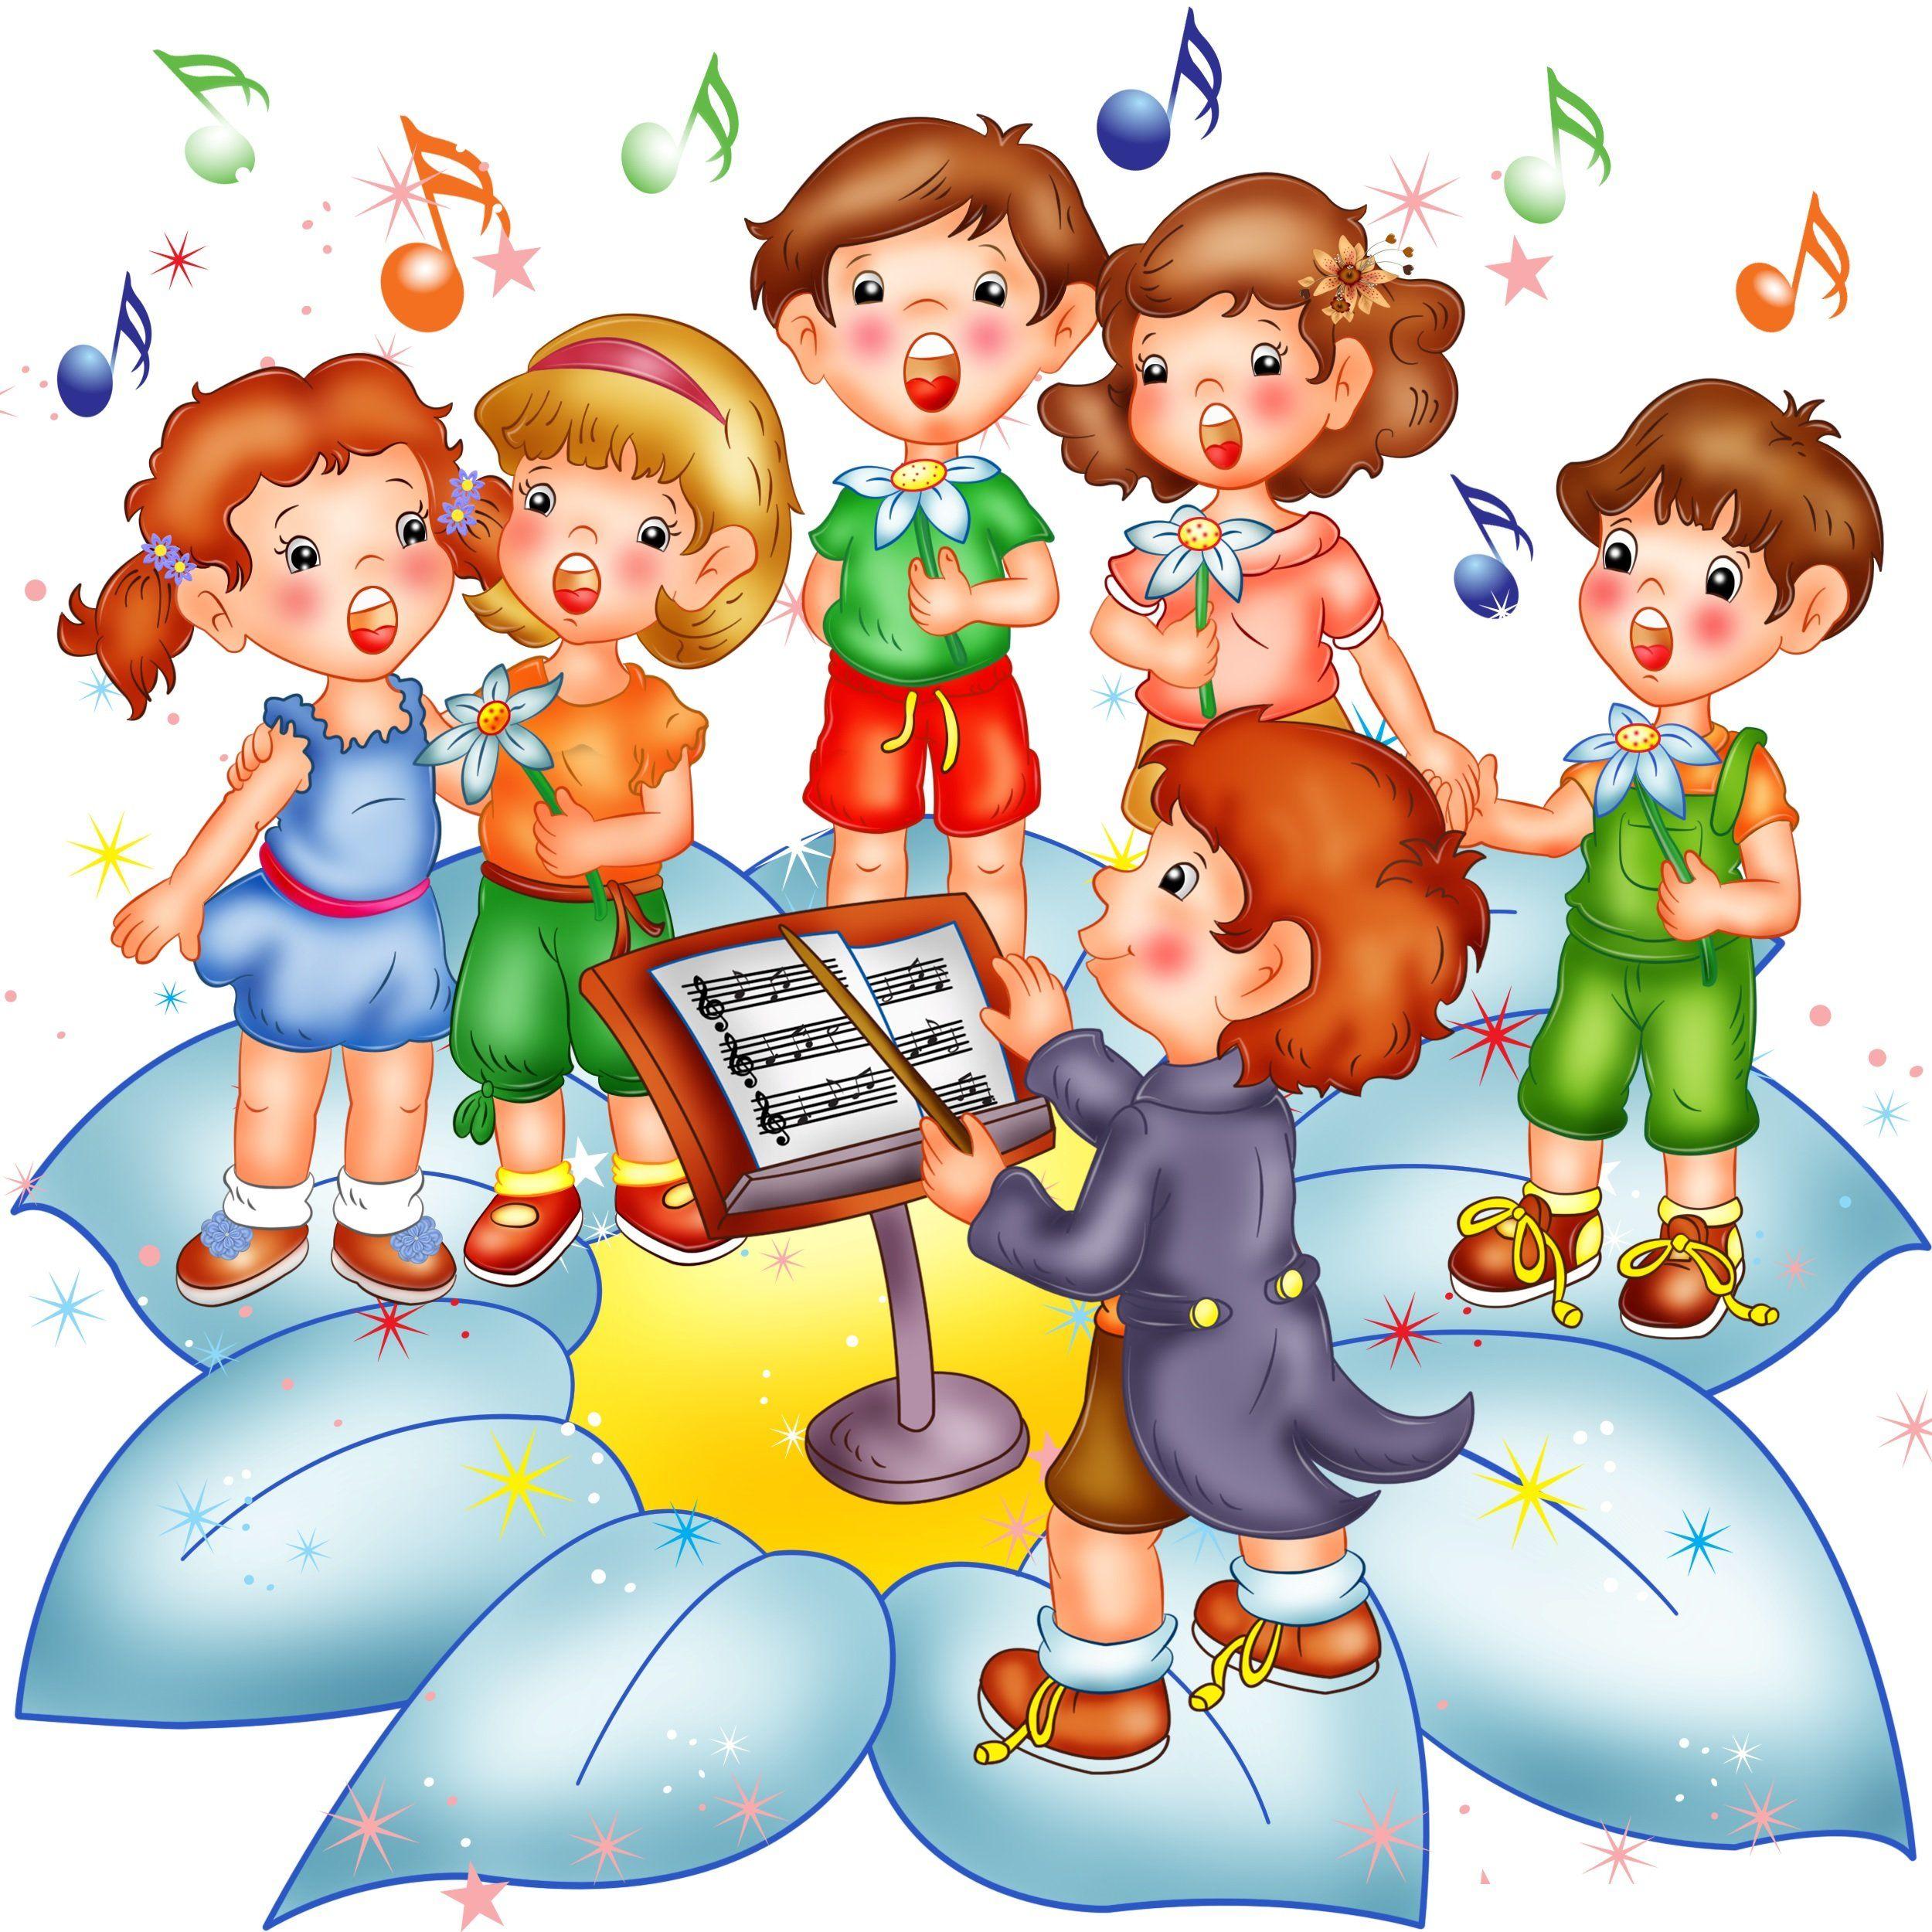 Картинки для детей музыка (29 фото) ⭐ Юмор, картинки и забавные ...